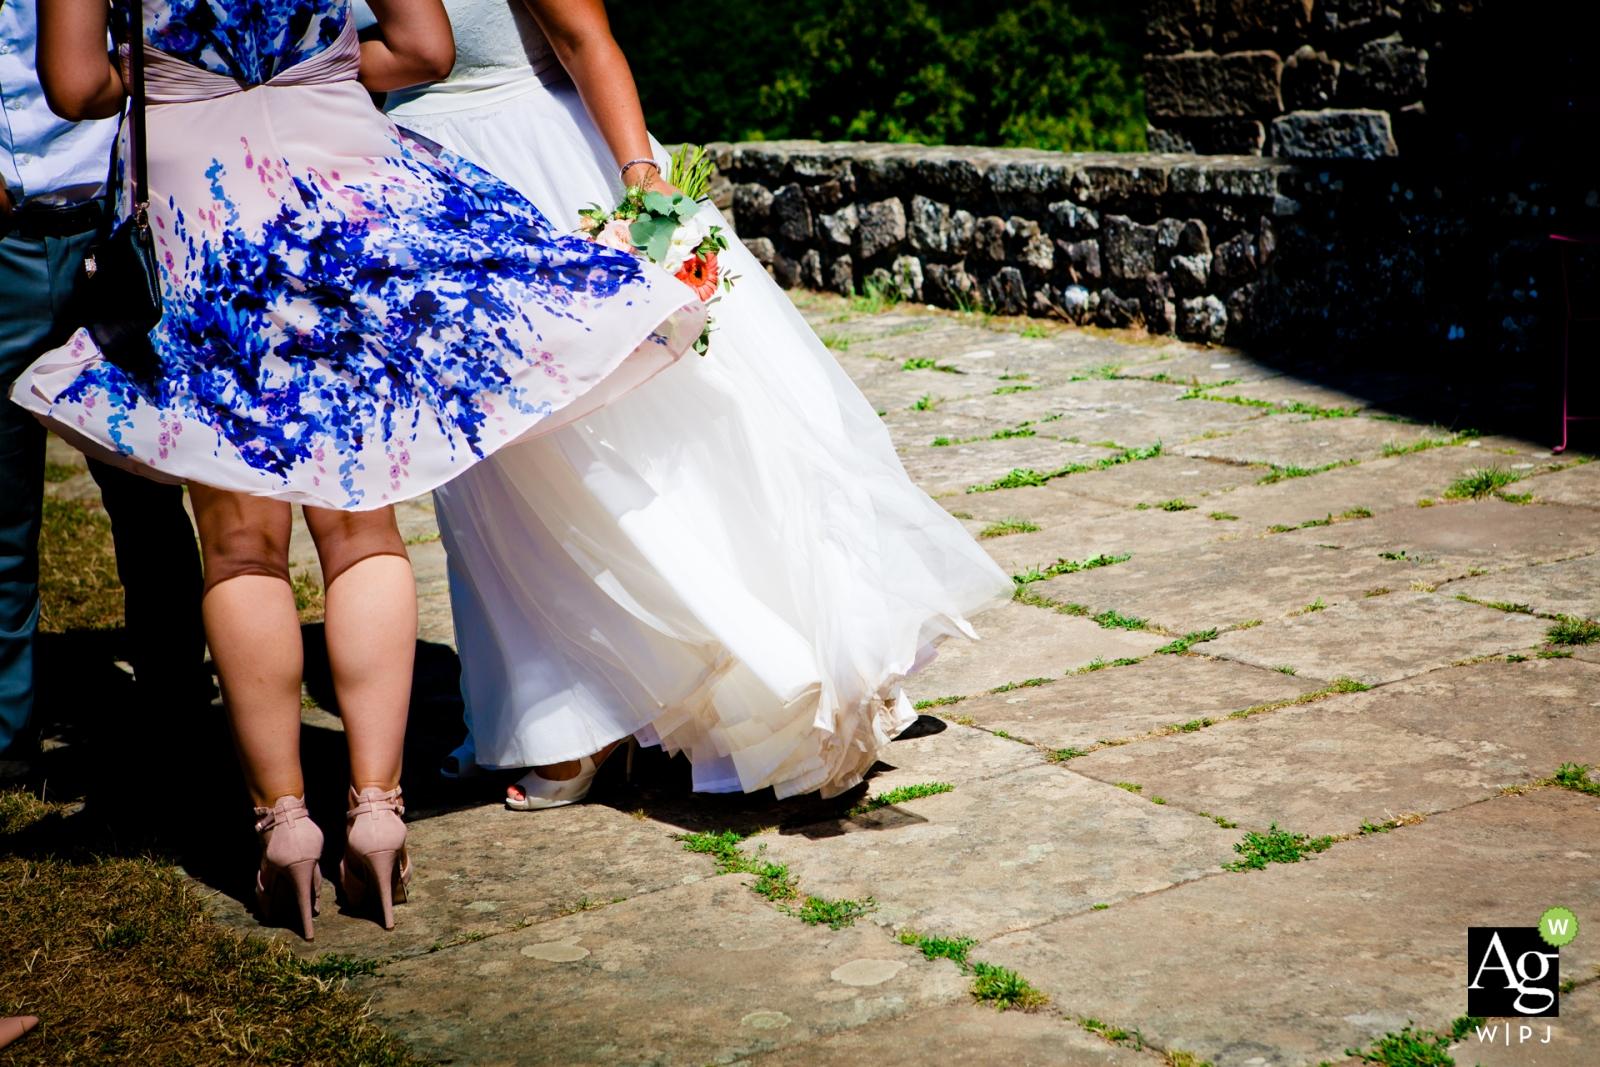 Lucie Mahé is an artistic wedding photographer for